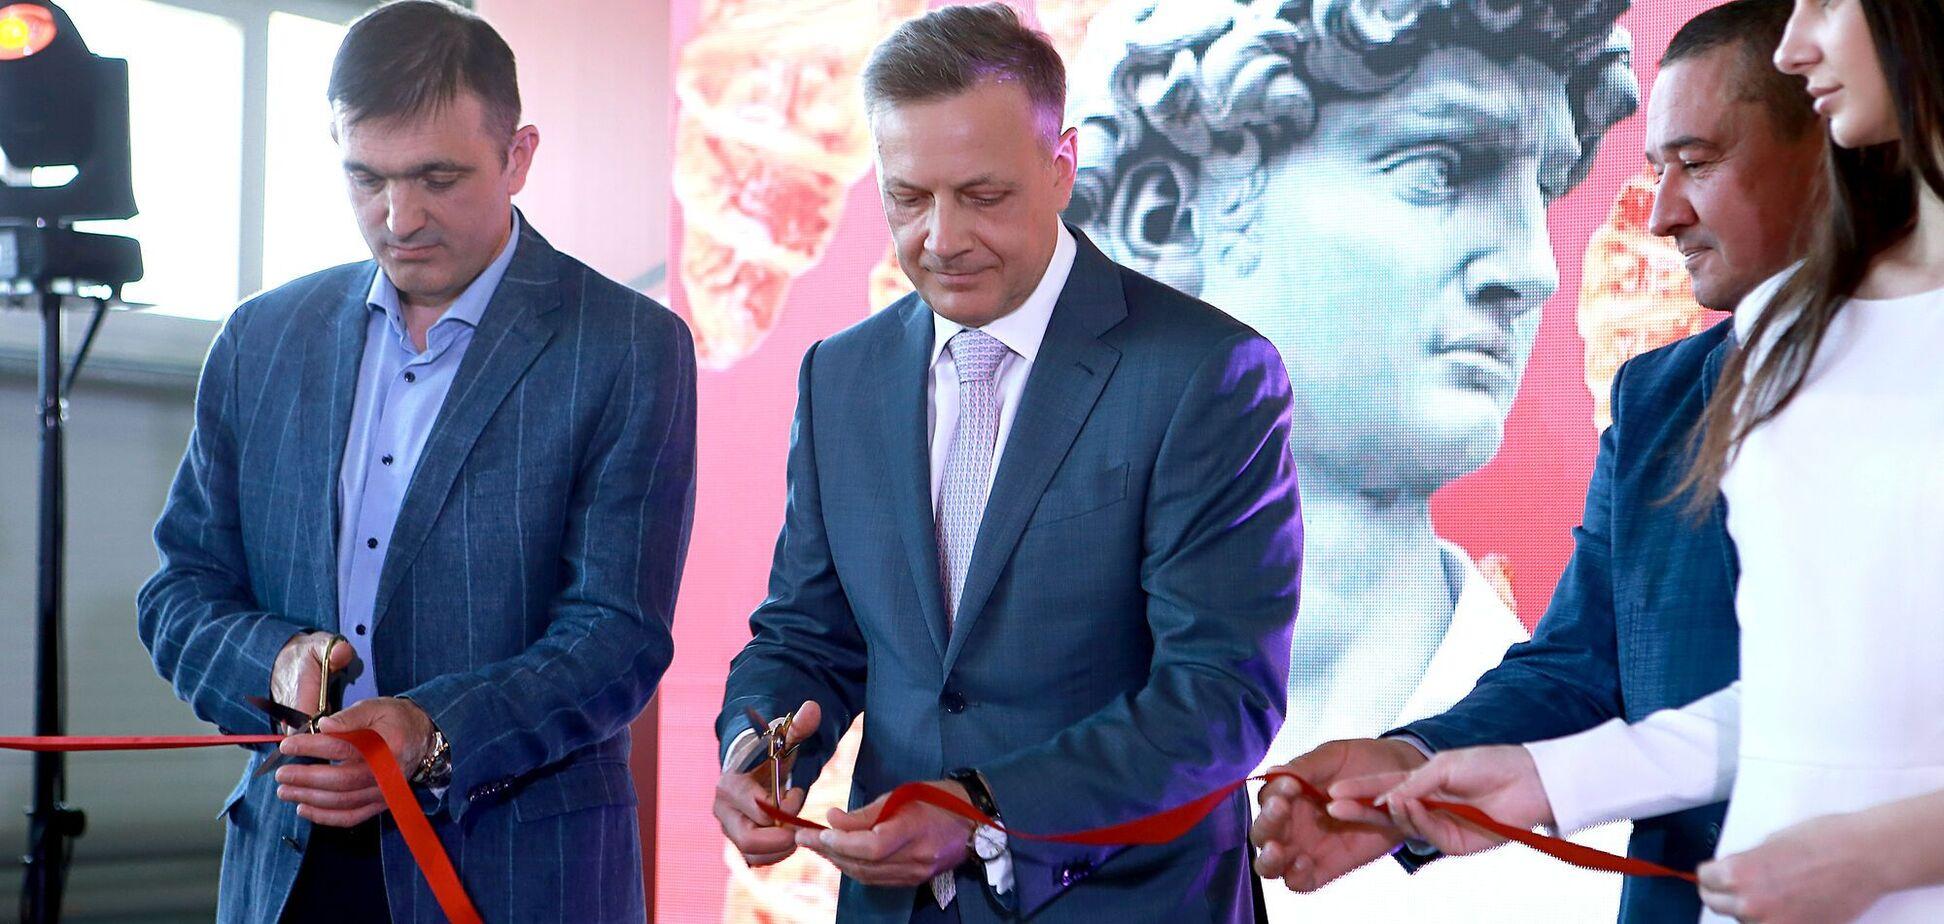 ГК 'Хлібні Інвестиції' інвестувала 4,5 млн євро в нову виробничу лінію на Сhanta Mount